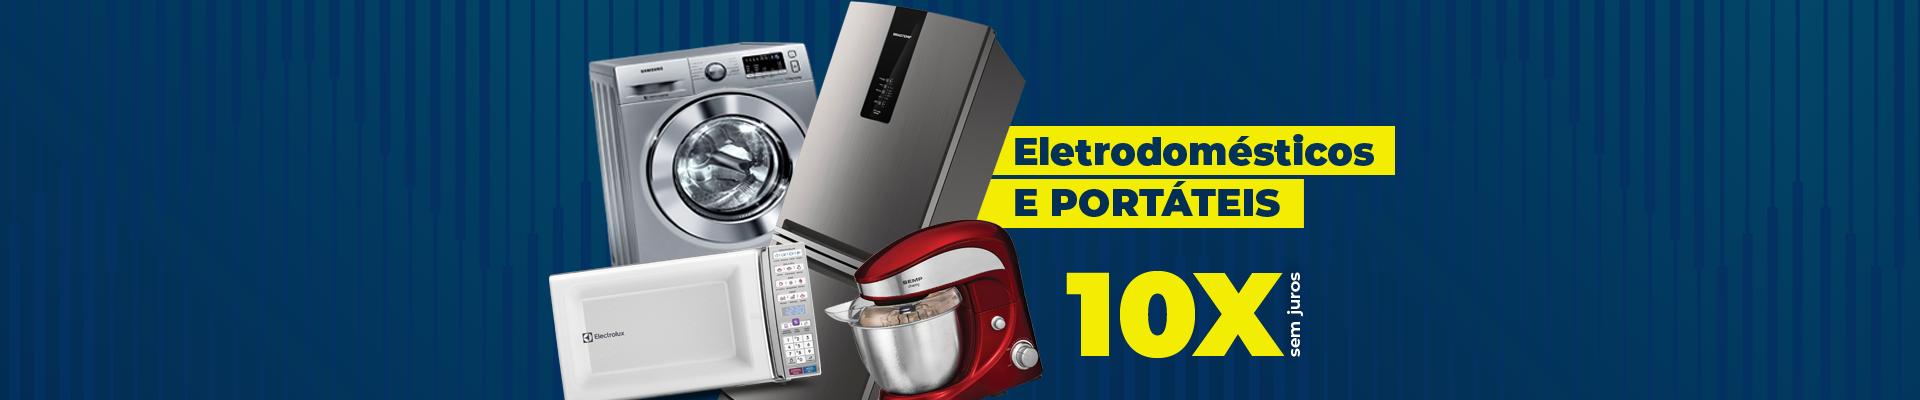 JULHO - Eletro e Portáteis